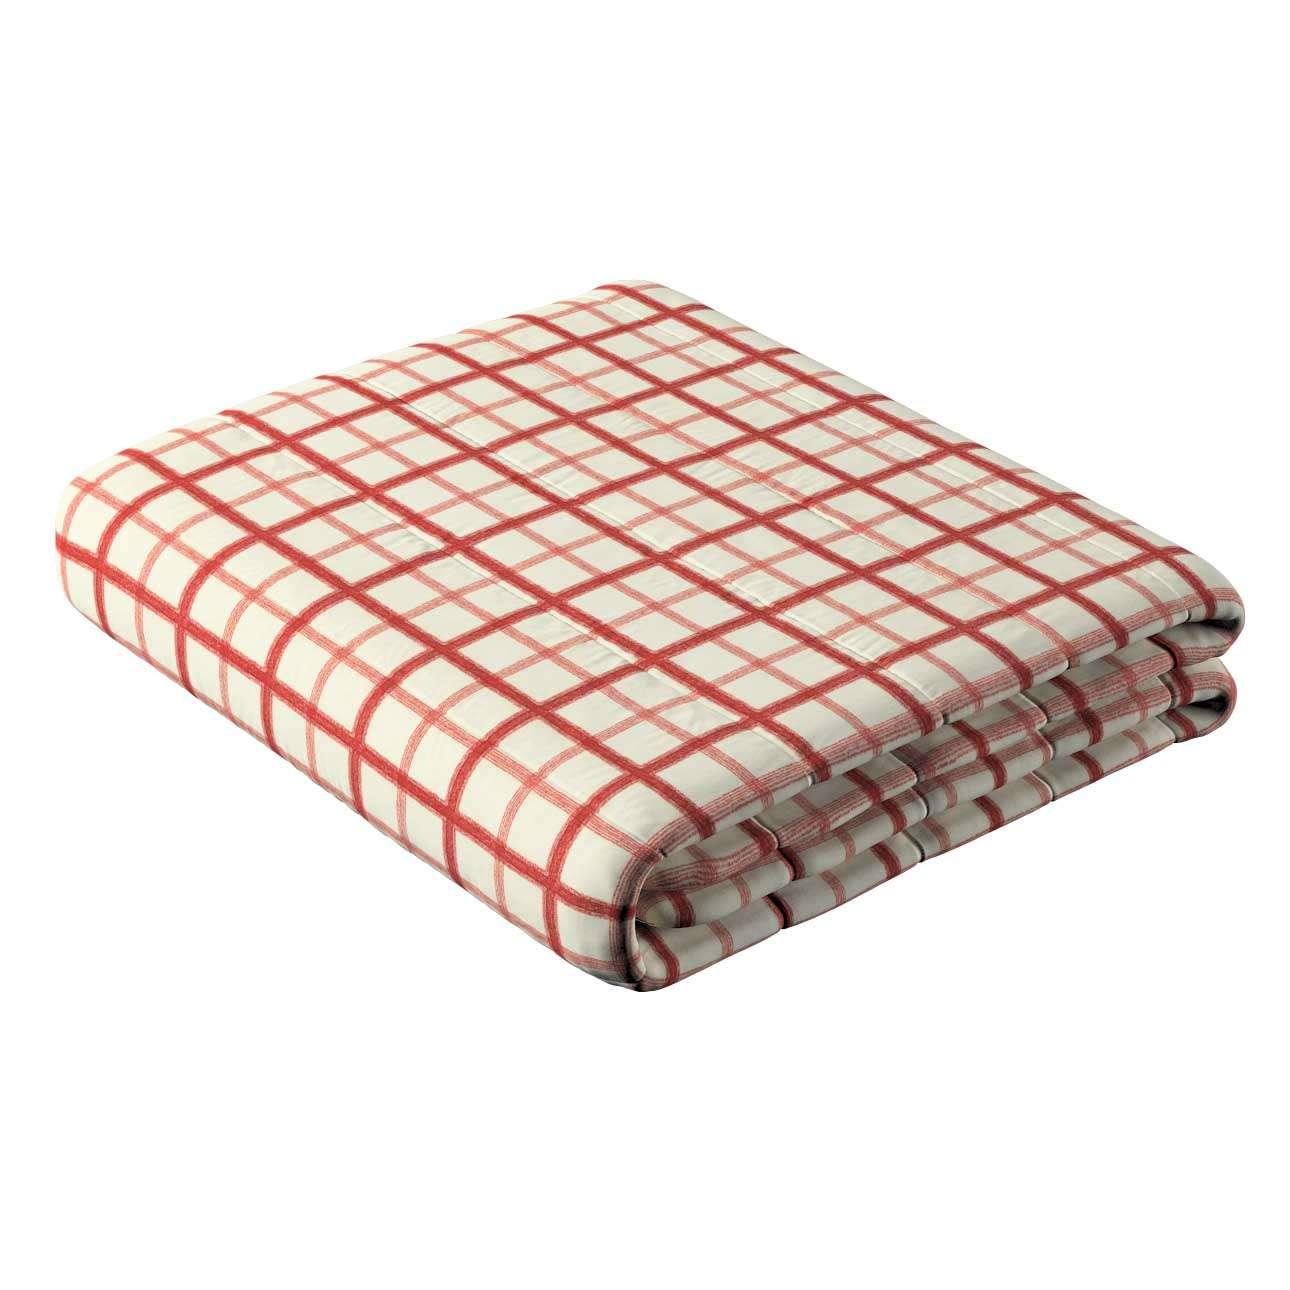 Sengetæppe quiltet<br/>10cm striber 260 × 210 cm fra kollektionen Avinon, Stof: 131-15